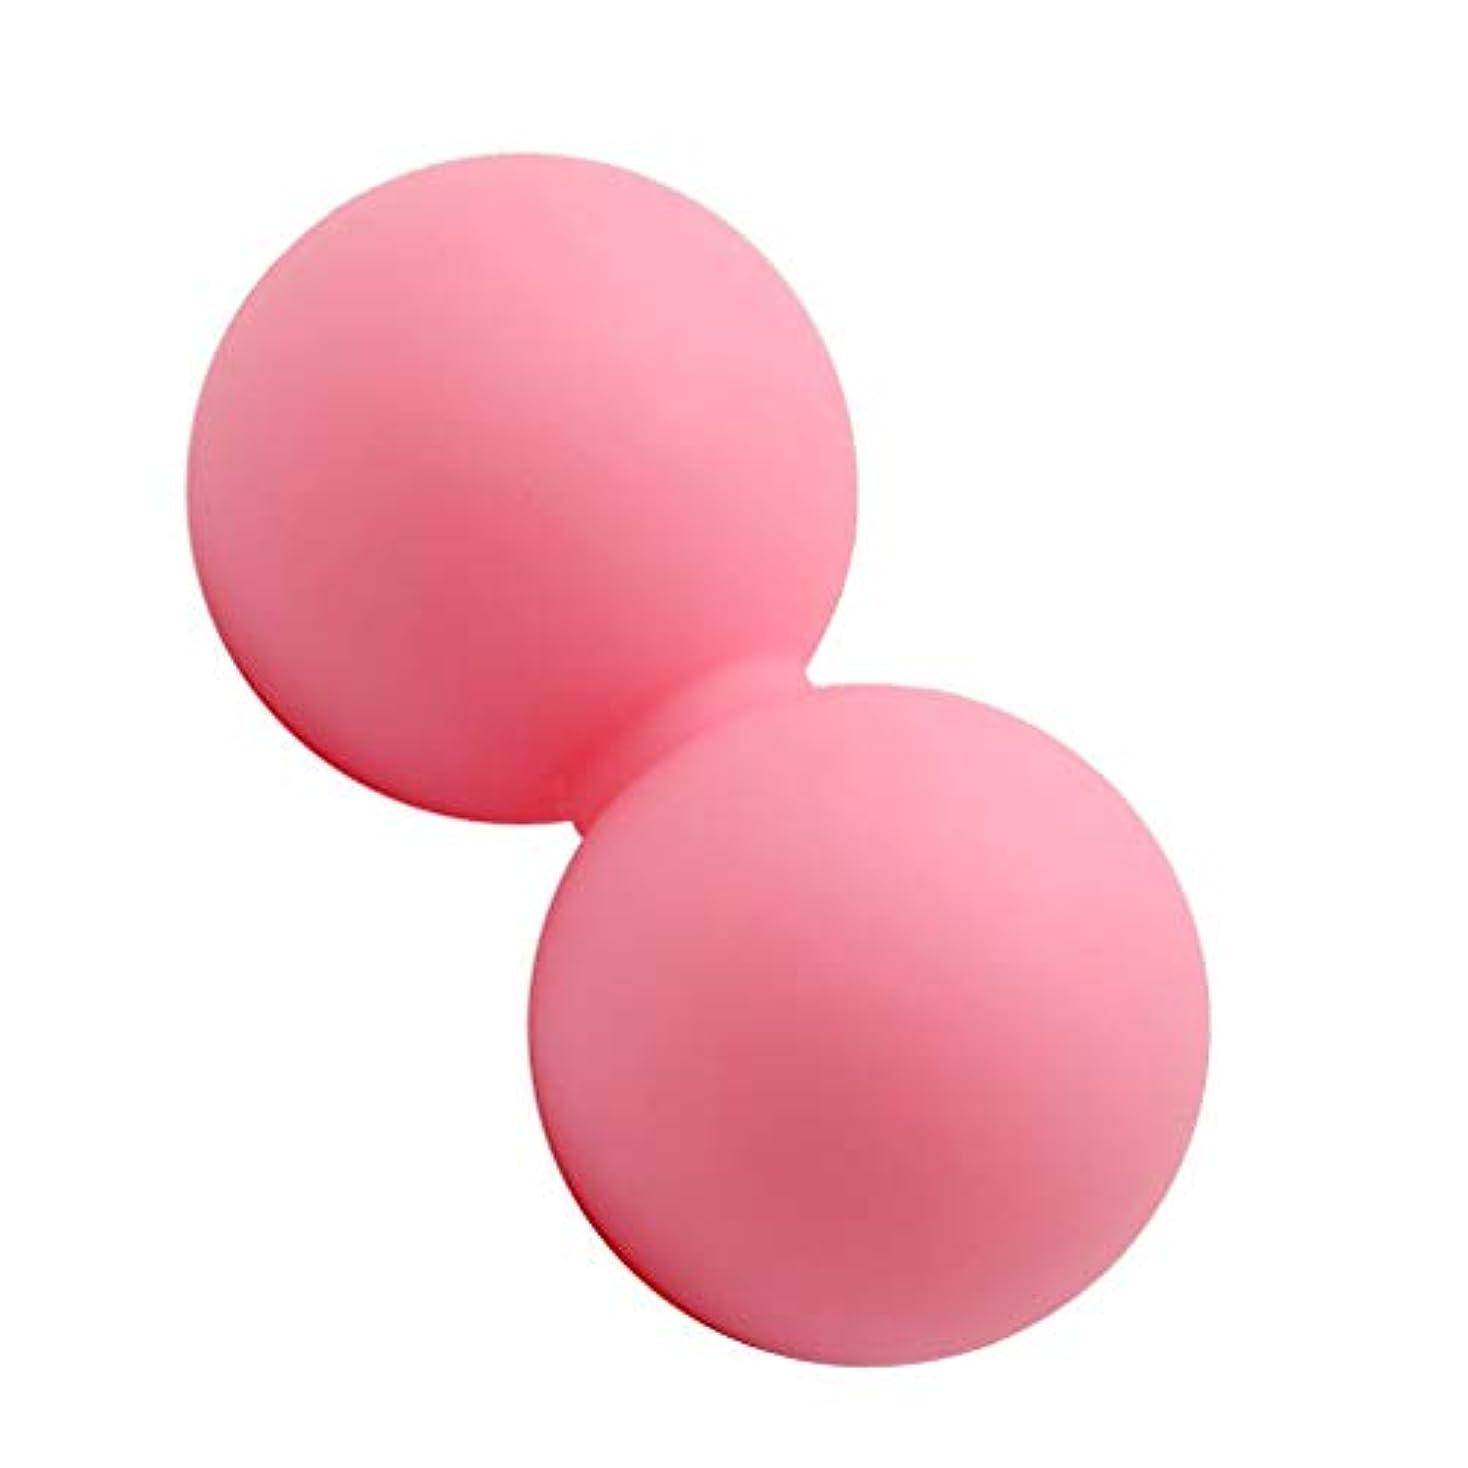 統合動力学うまくいけばマッサージボール ヨガ 手のひら/足/足首/腕/首/背中用 ピンク